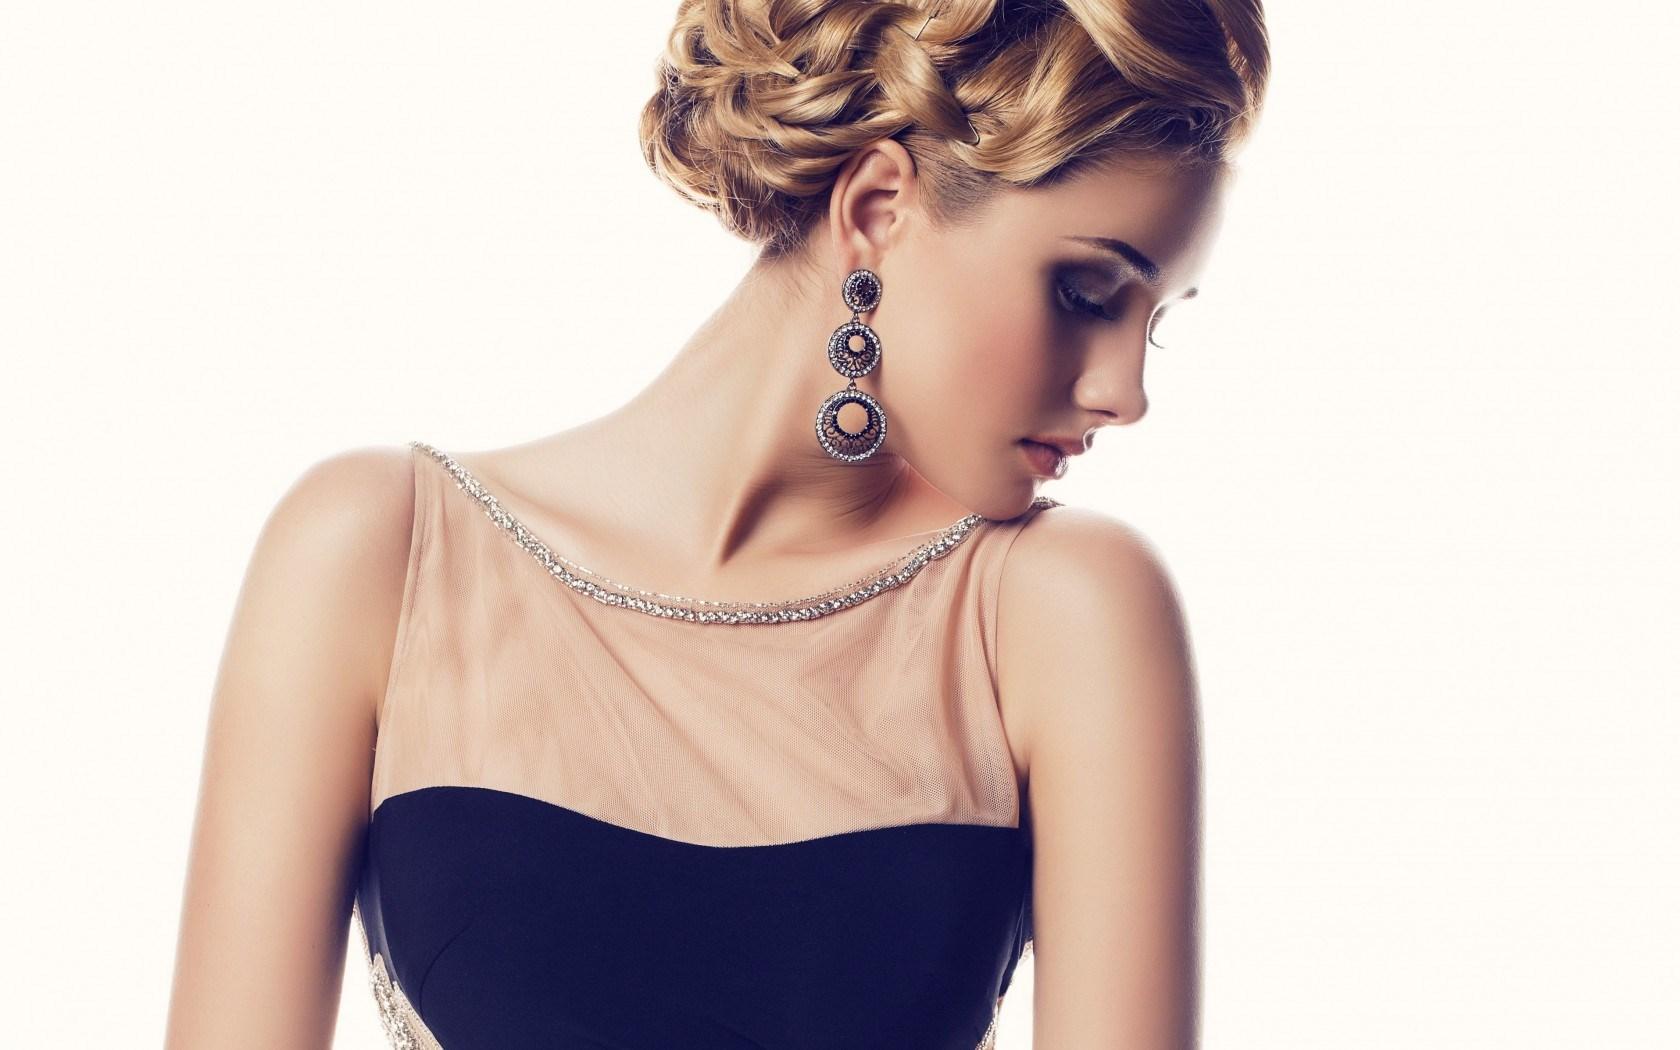 lovely model makeup wallpaper 43559